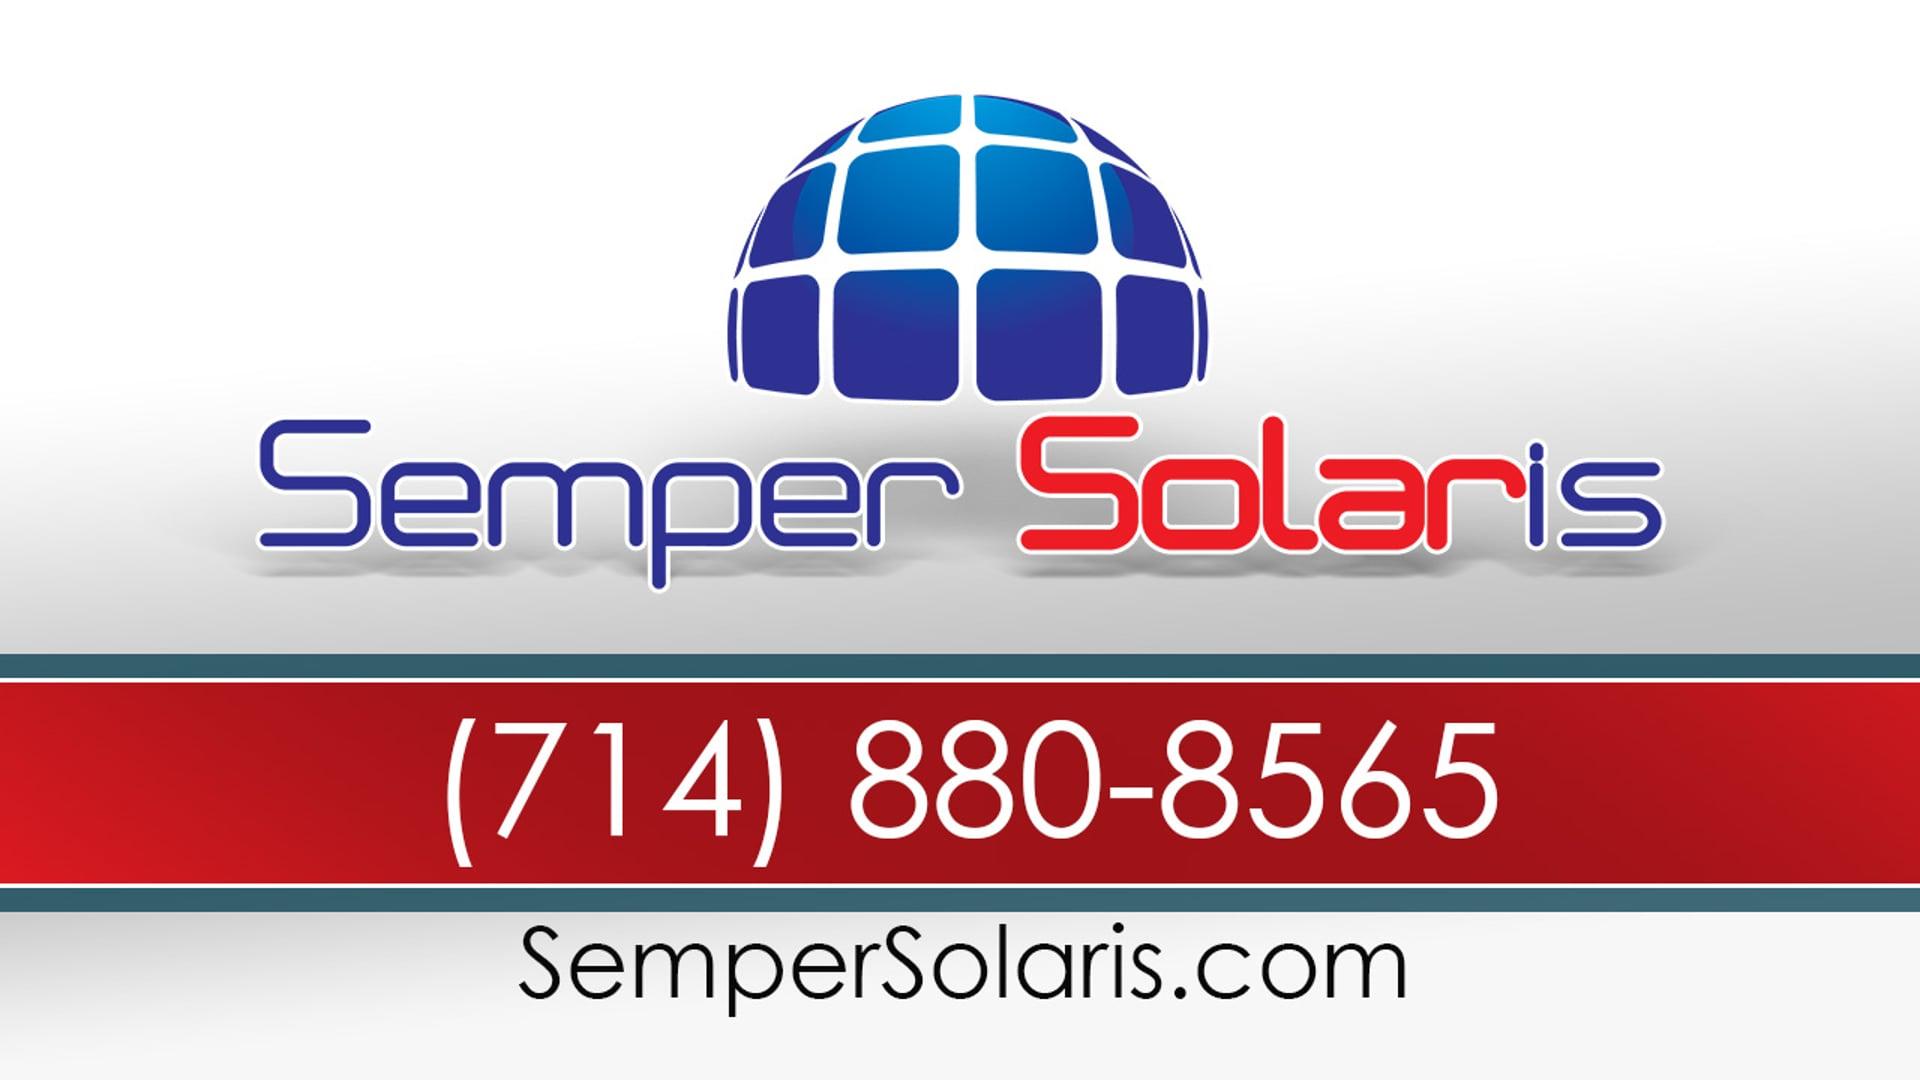 Best Solar Providers In Anaheim Ca | Semper Solaris | (714) 880-8565